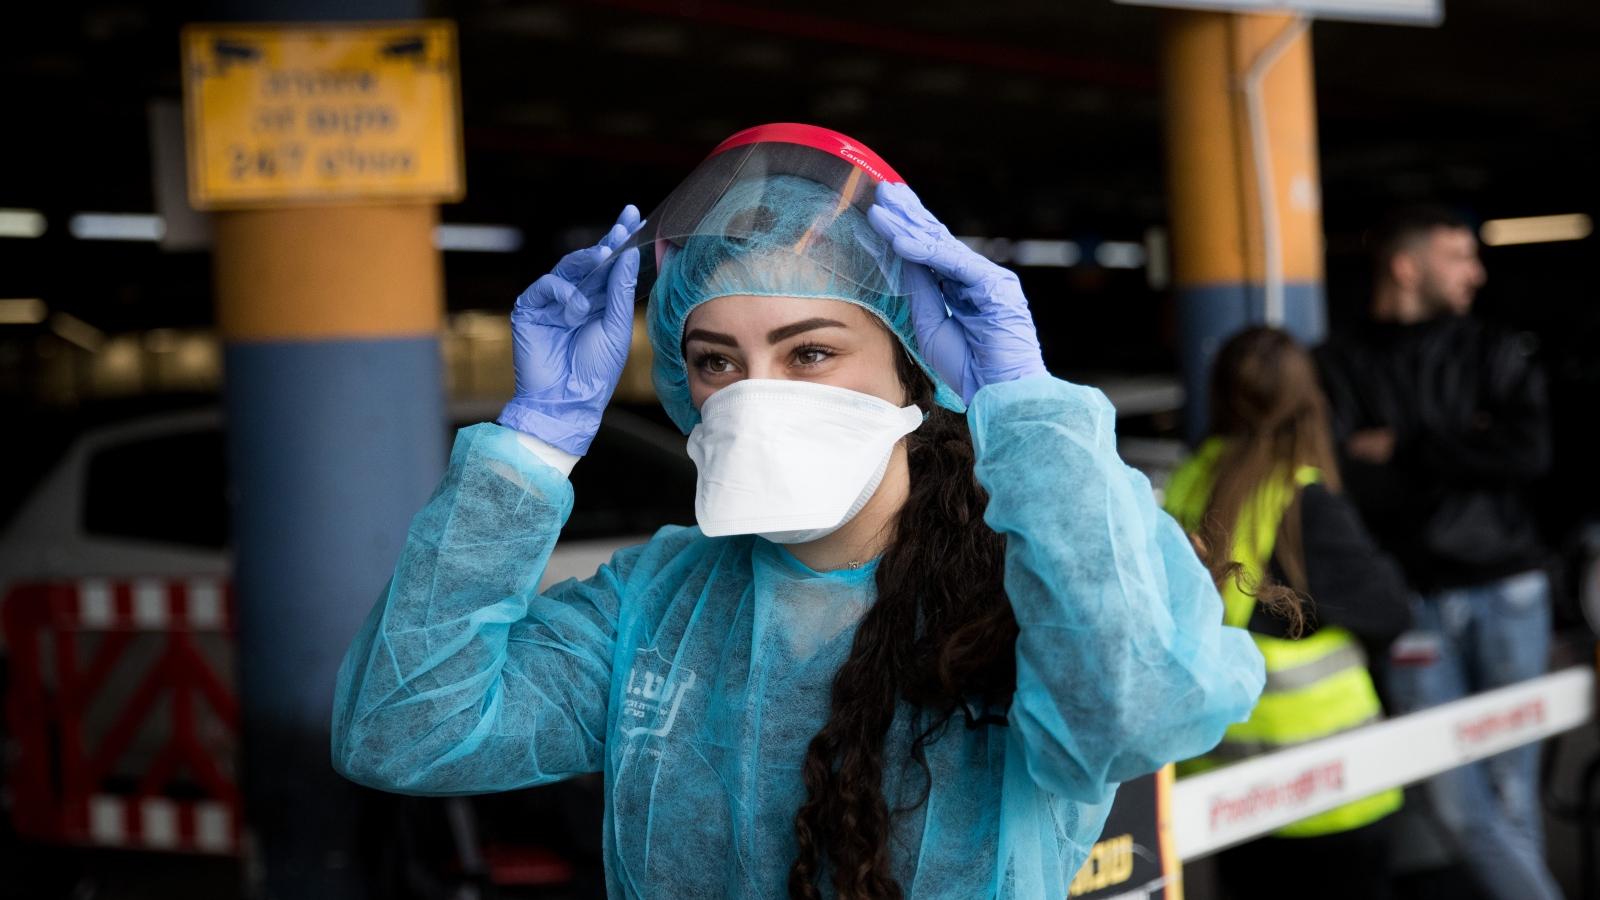 New Antiviral Masks From Israel May Help Stop Deadly Coronavirus